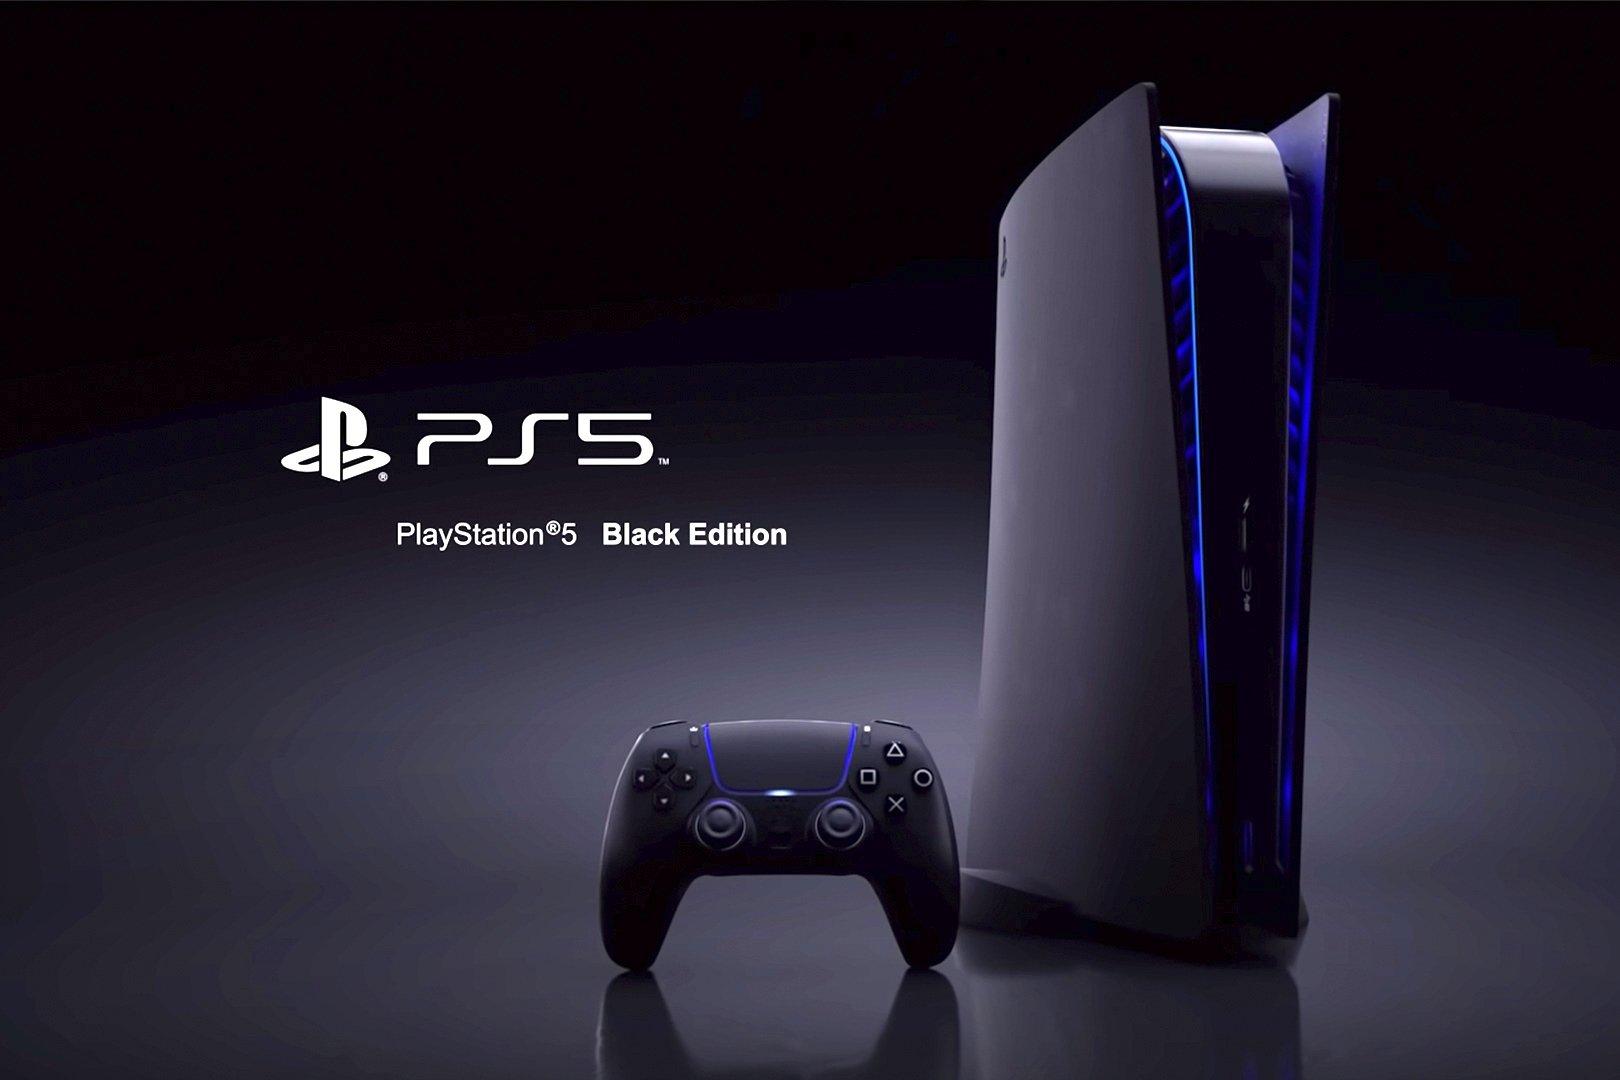 Além de todos os gastos e preços já altos que o novo Playstation 5 vem anunciando para todos os seus intens, mais este problema surge.